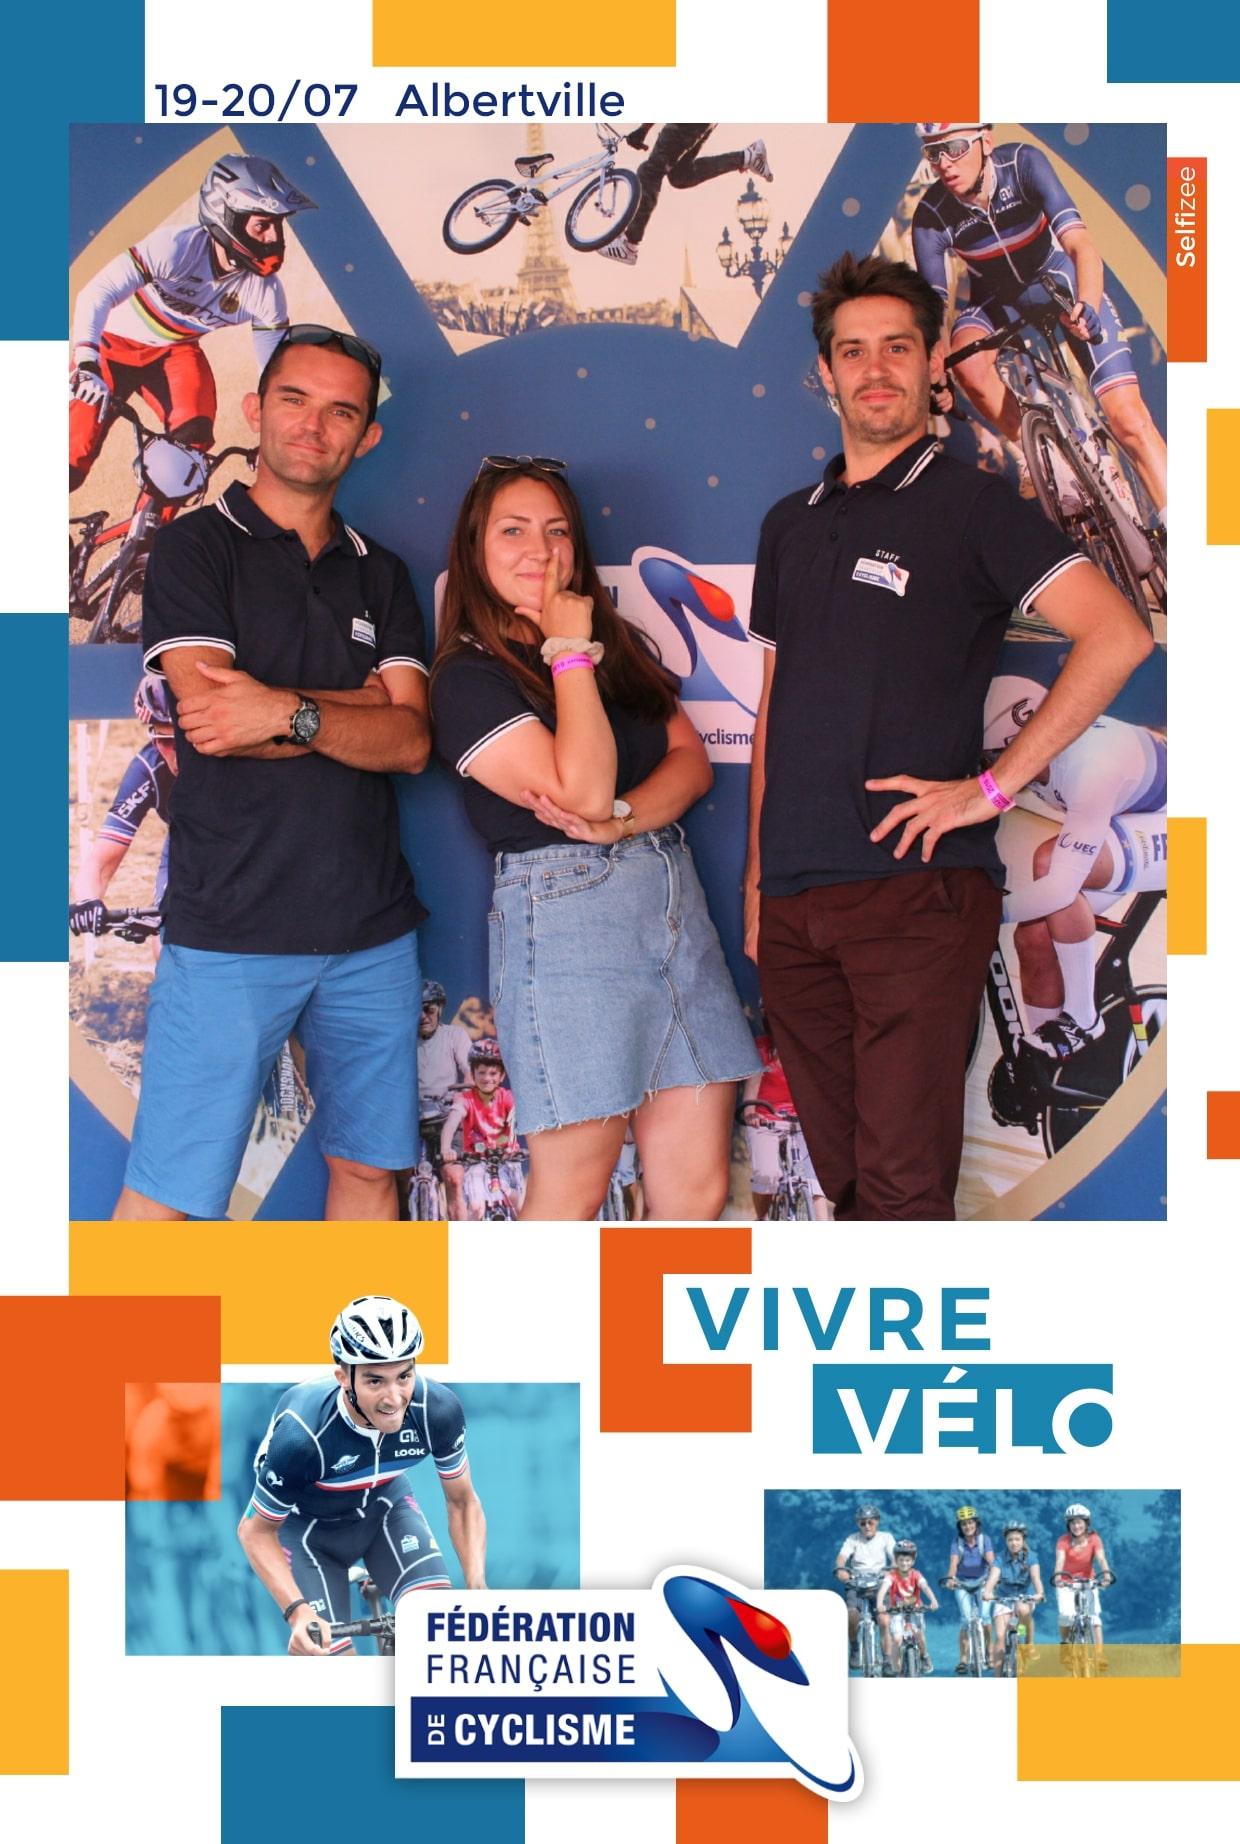 Borne selfie au tour de France 2019 avec animation photos pour les visiteurs lors la 20ème étape à Albertville en Savoie